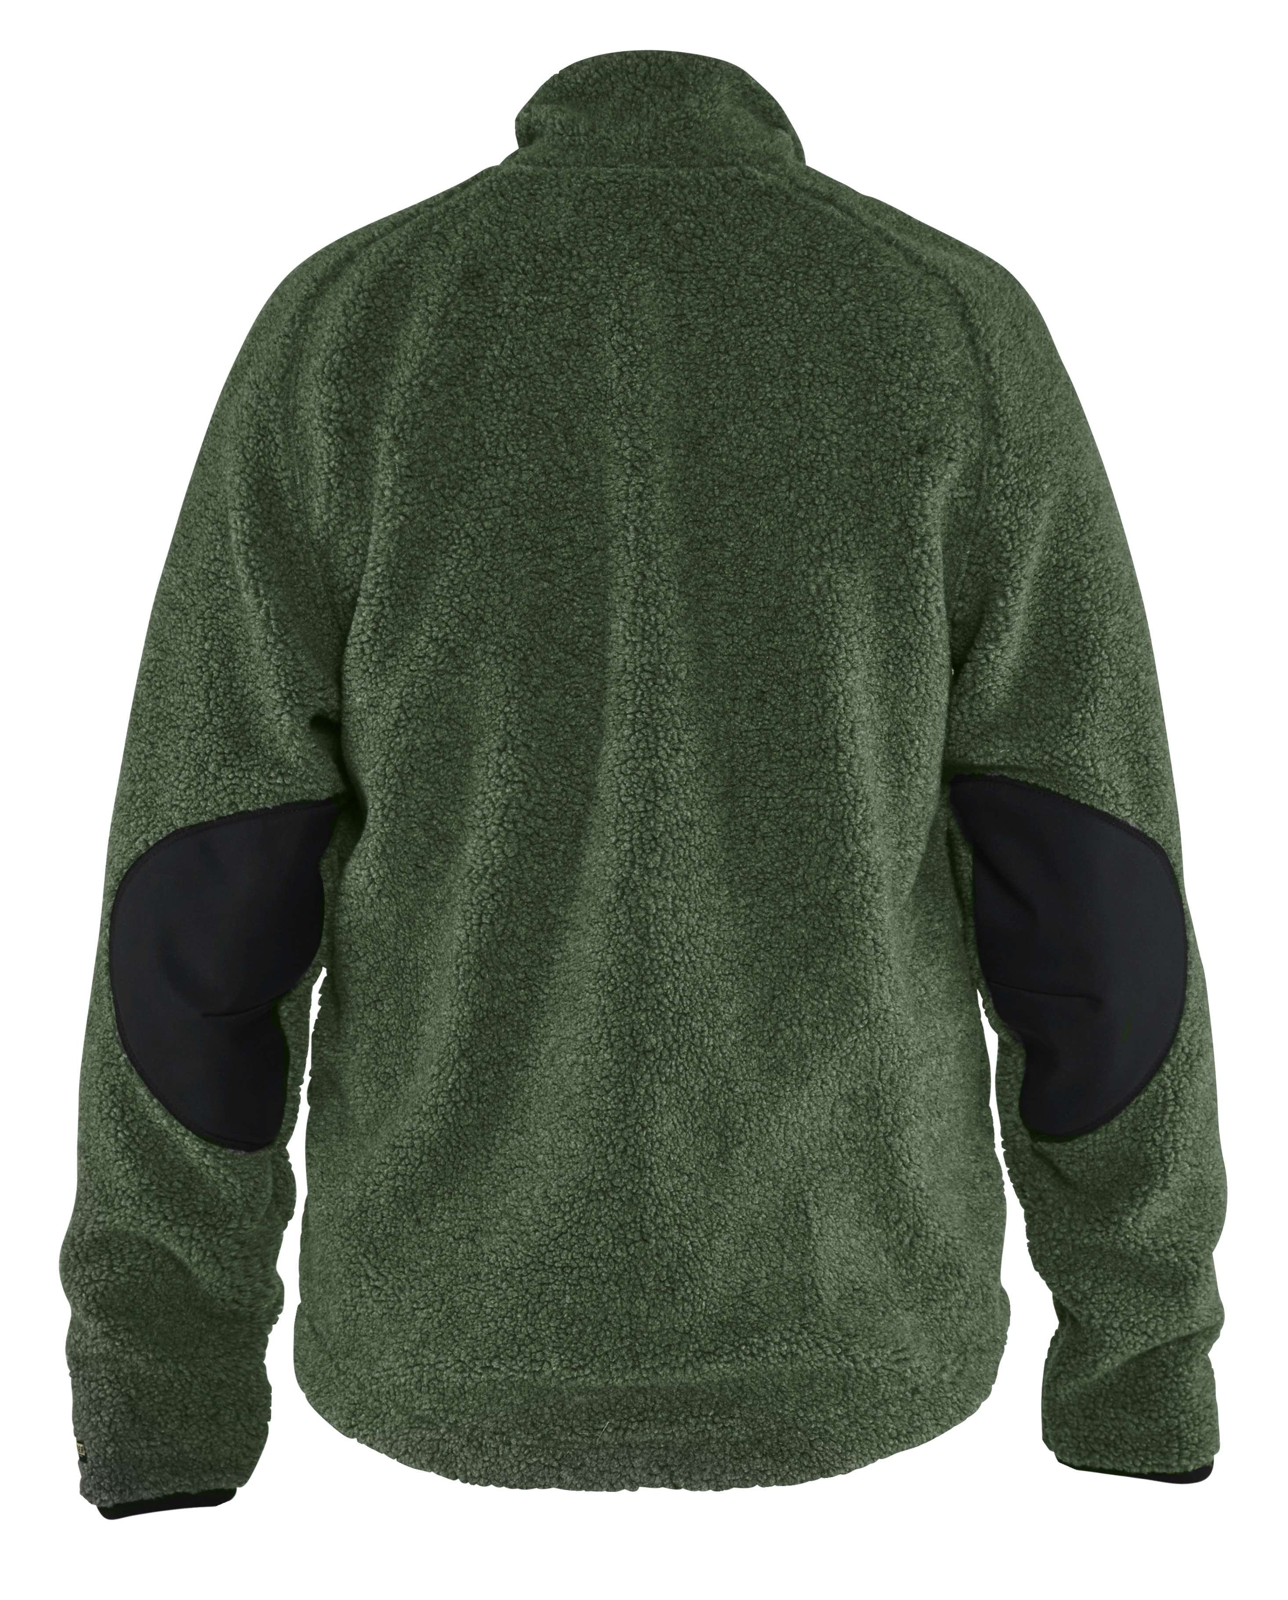 Blaklader Fleece vesten 48292505 army groen(4600)